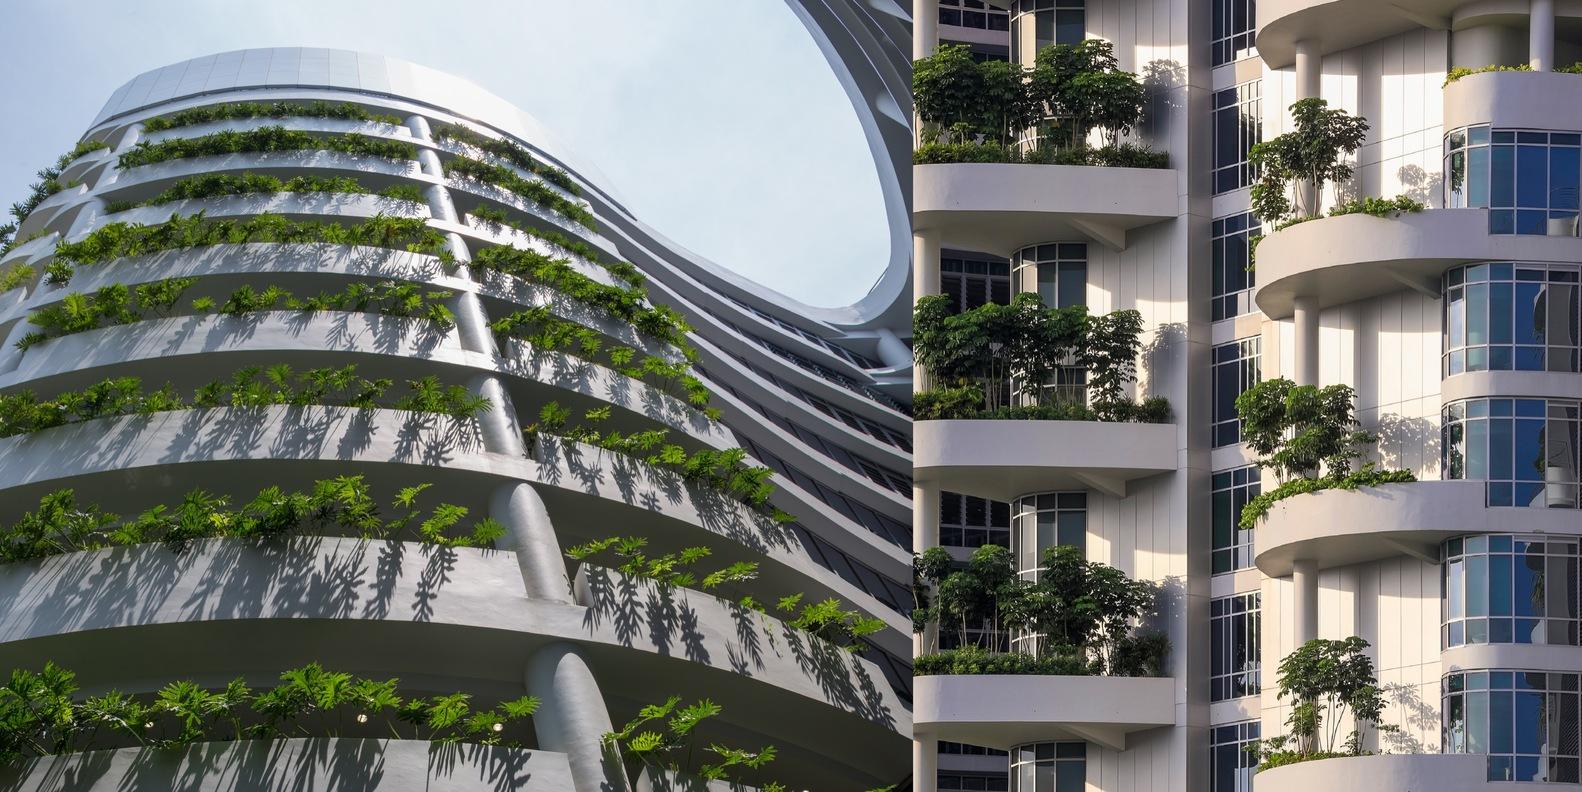 Estos son los 10 edificios m s verdes de 2017 for Progetti architettura on line